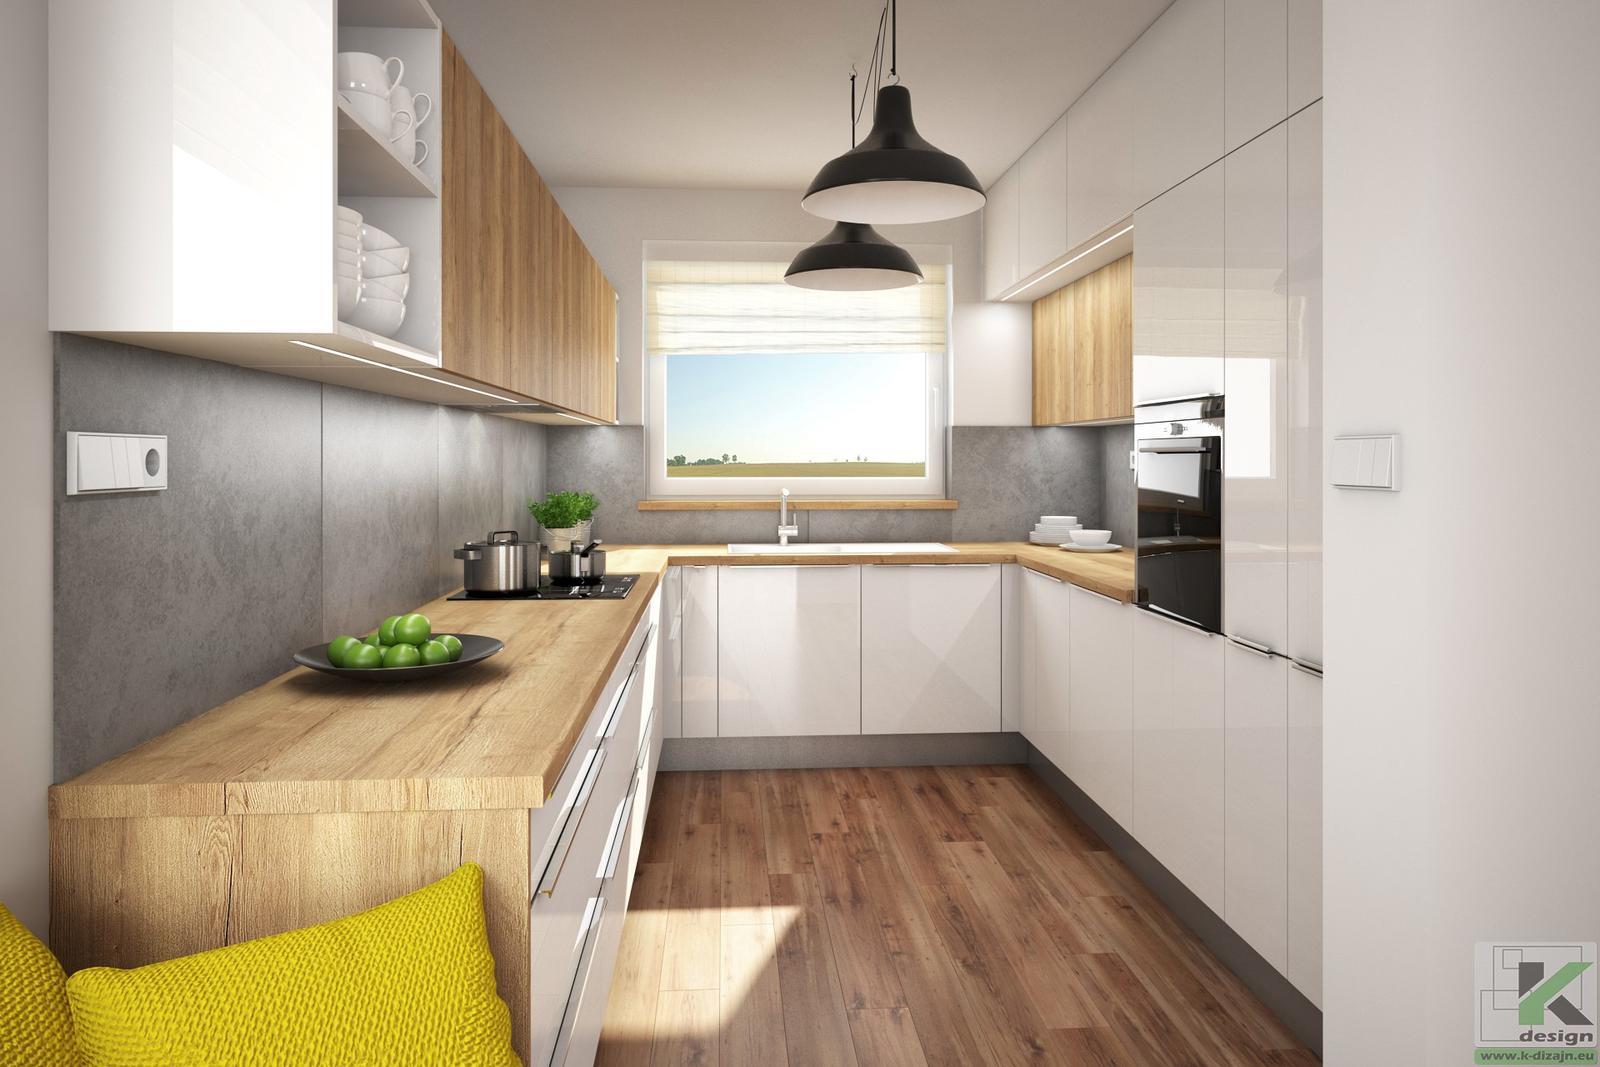 Vizualizácie kuchyne so sedením - Obrázok č. 2